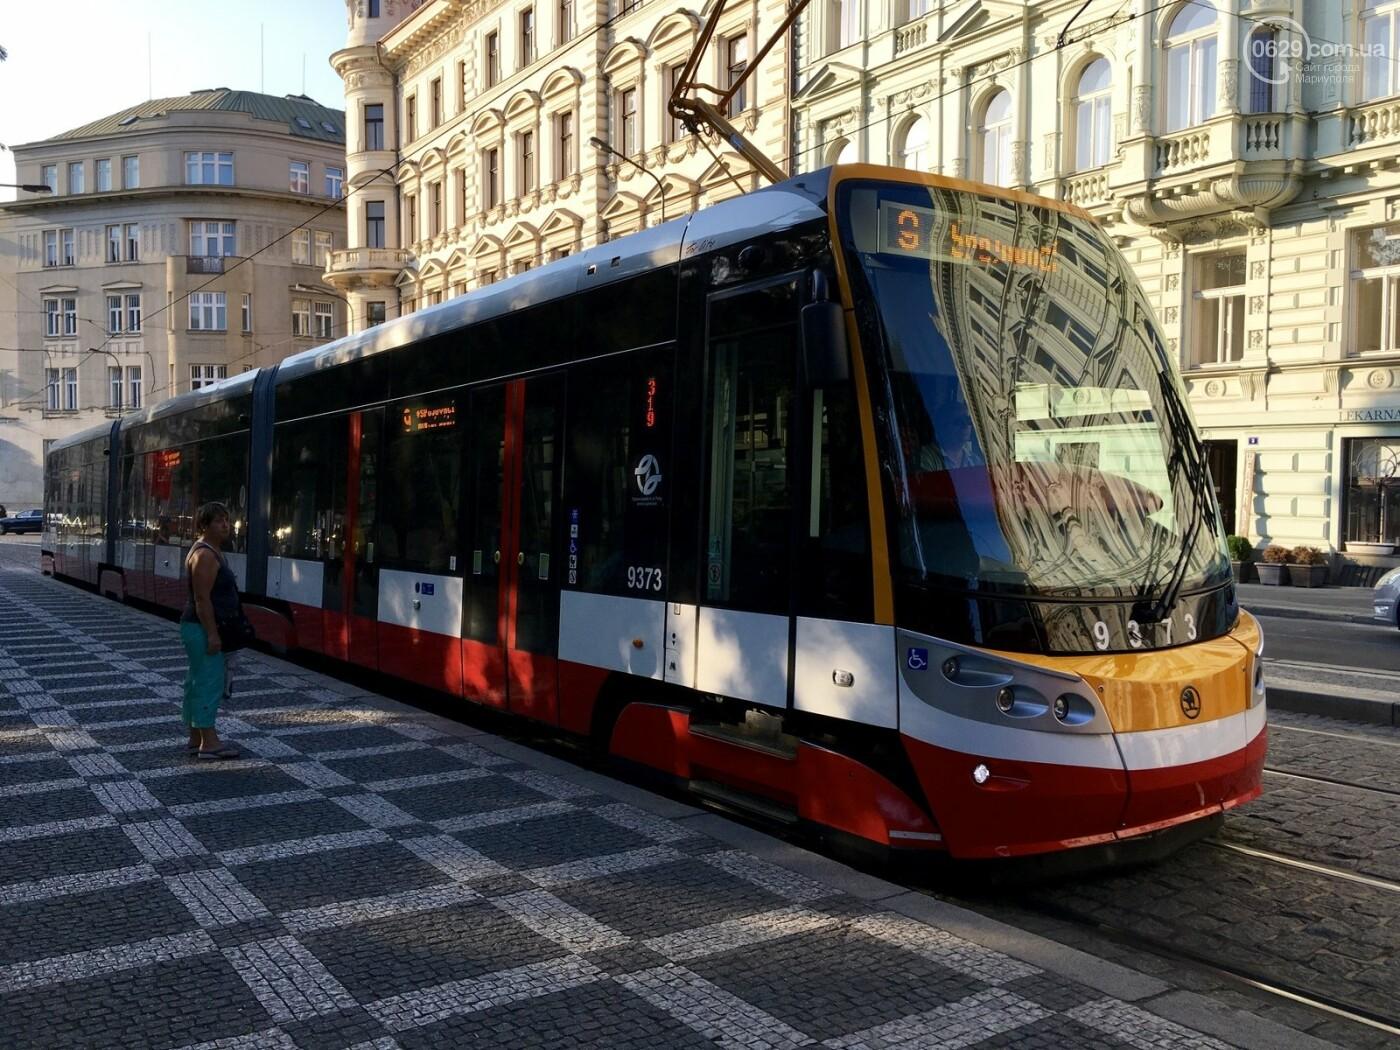 Транспортные проблемы Мариуполя. Станет ли город удобным для жизни, фото-6